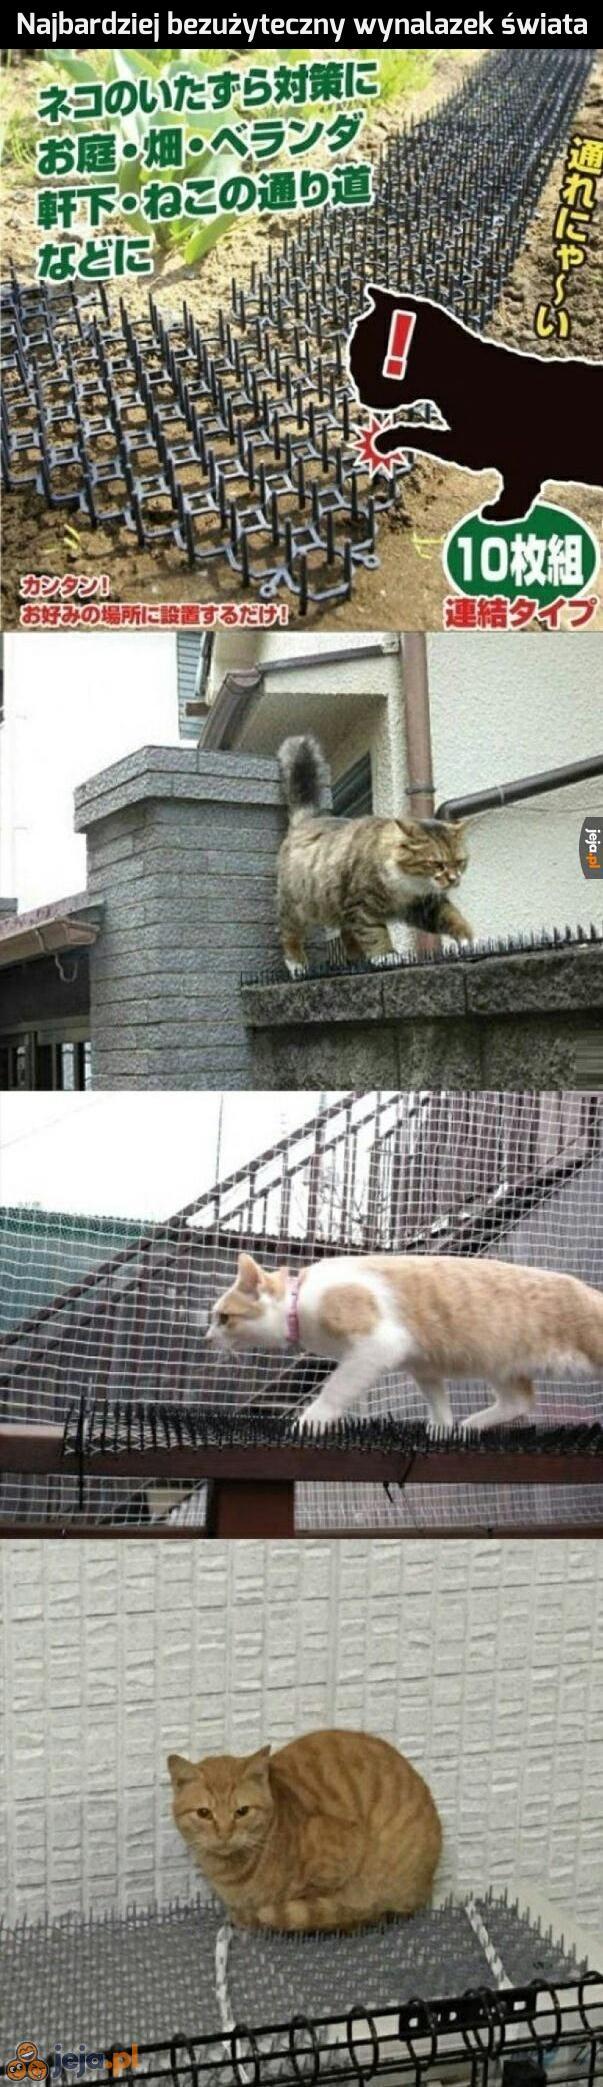 Ktoś nie docenił kotów